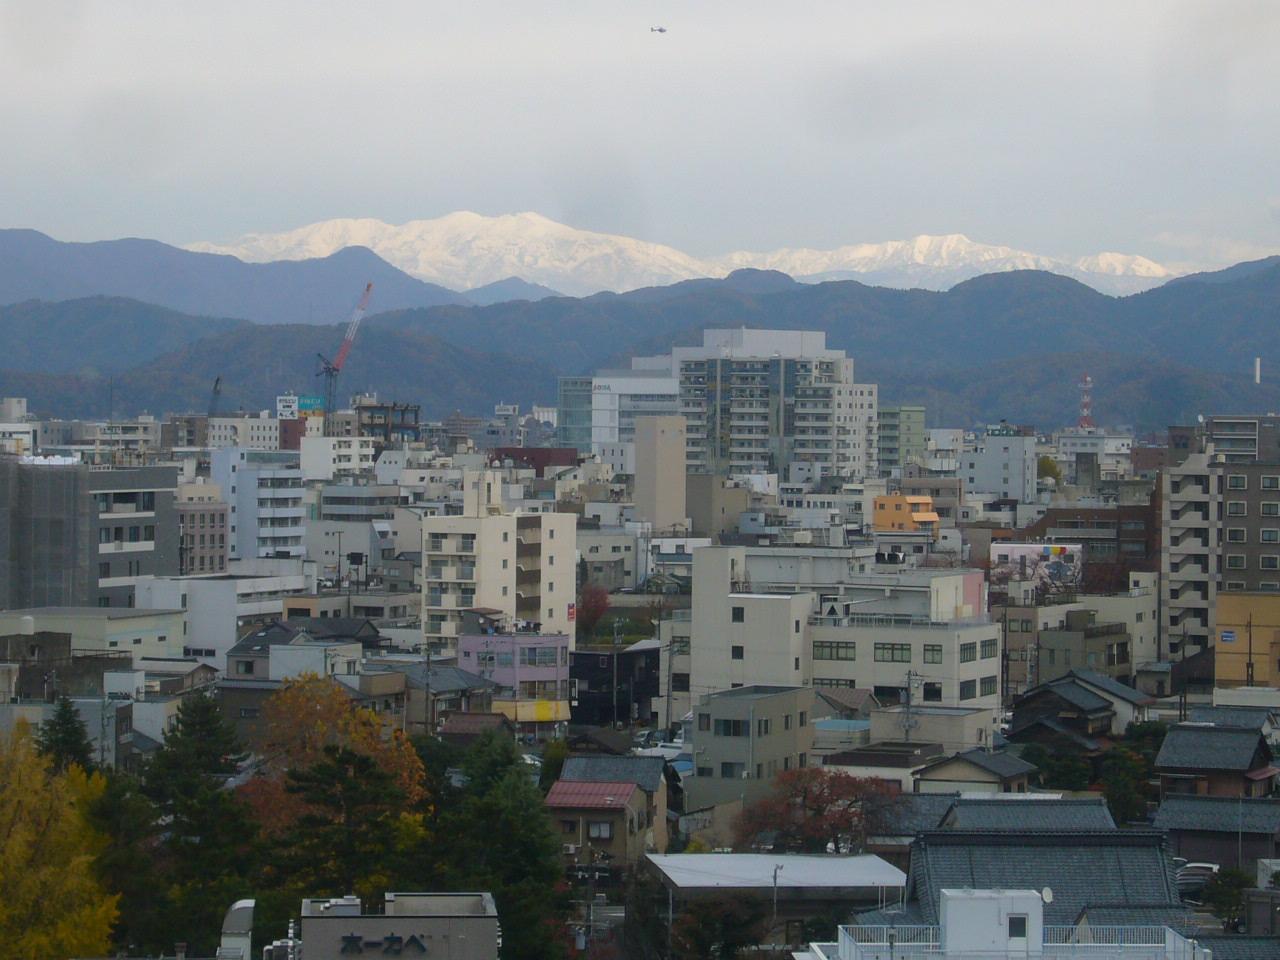 足羽山から白山 H26.11.20撮影